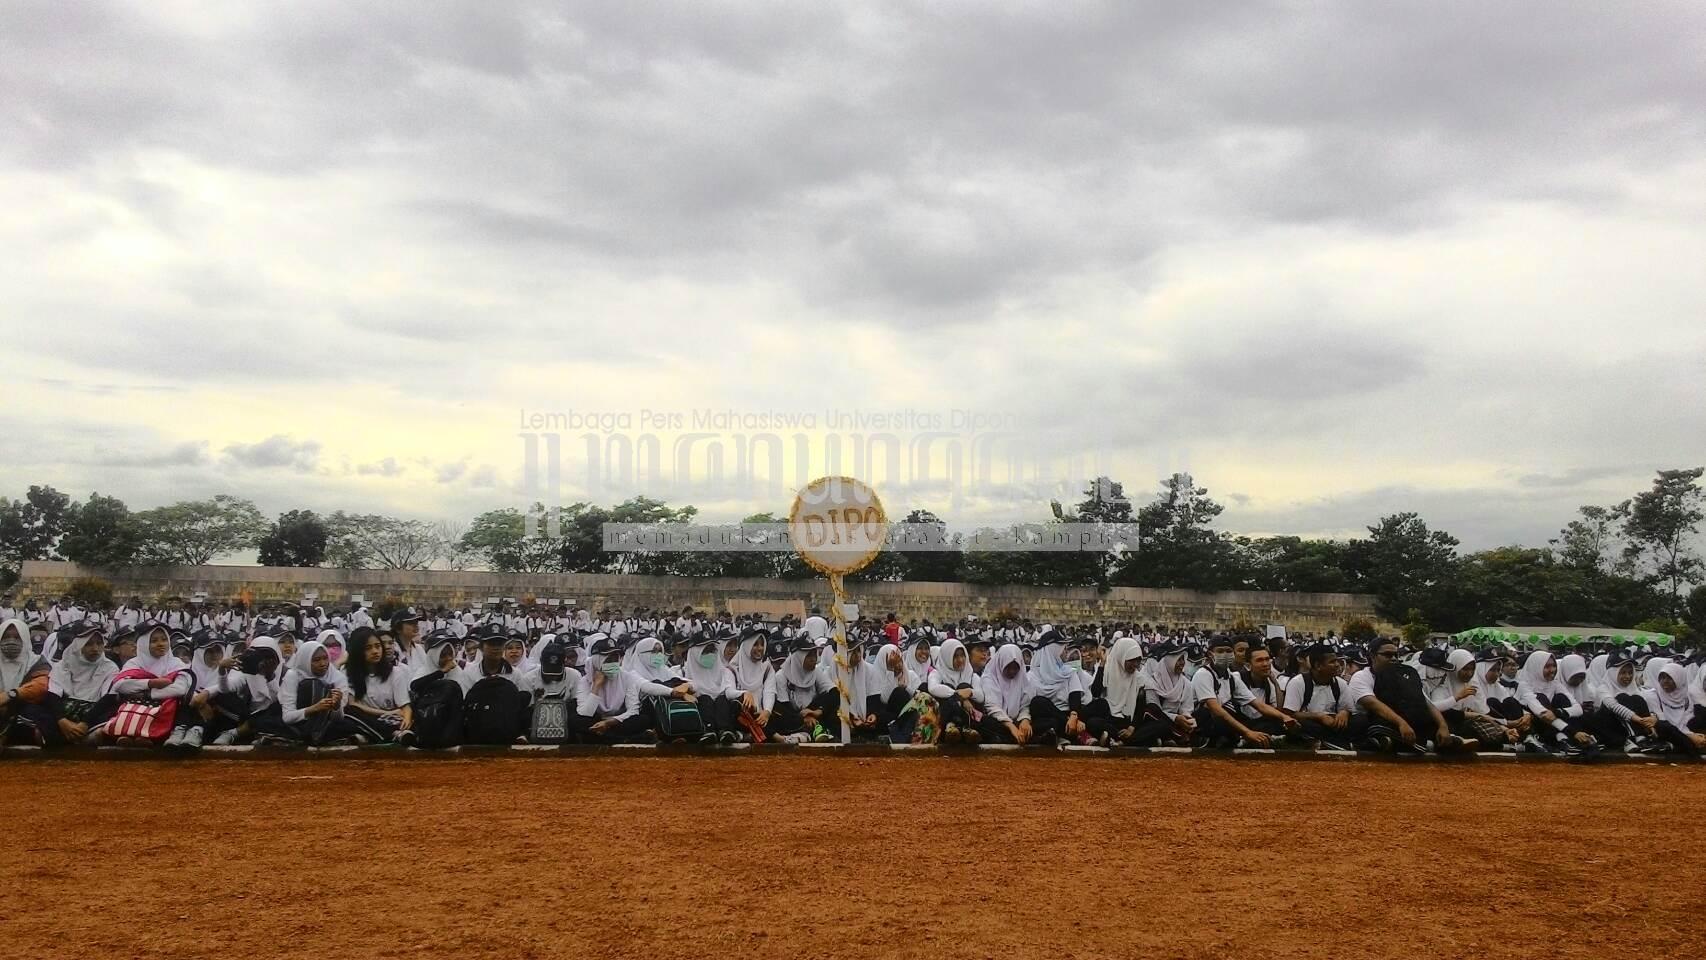 Mahasiswa baru berkumpul di Stadion Utama Undip dalam acara puncak Orientasi Diponegoro Muda (ODM), Minggu (14/8)